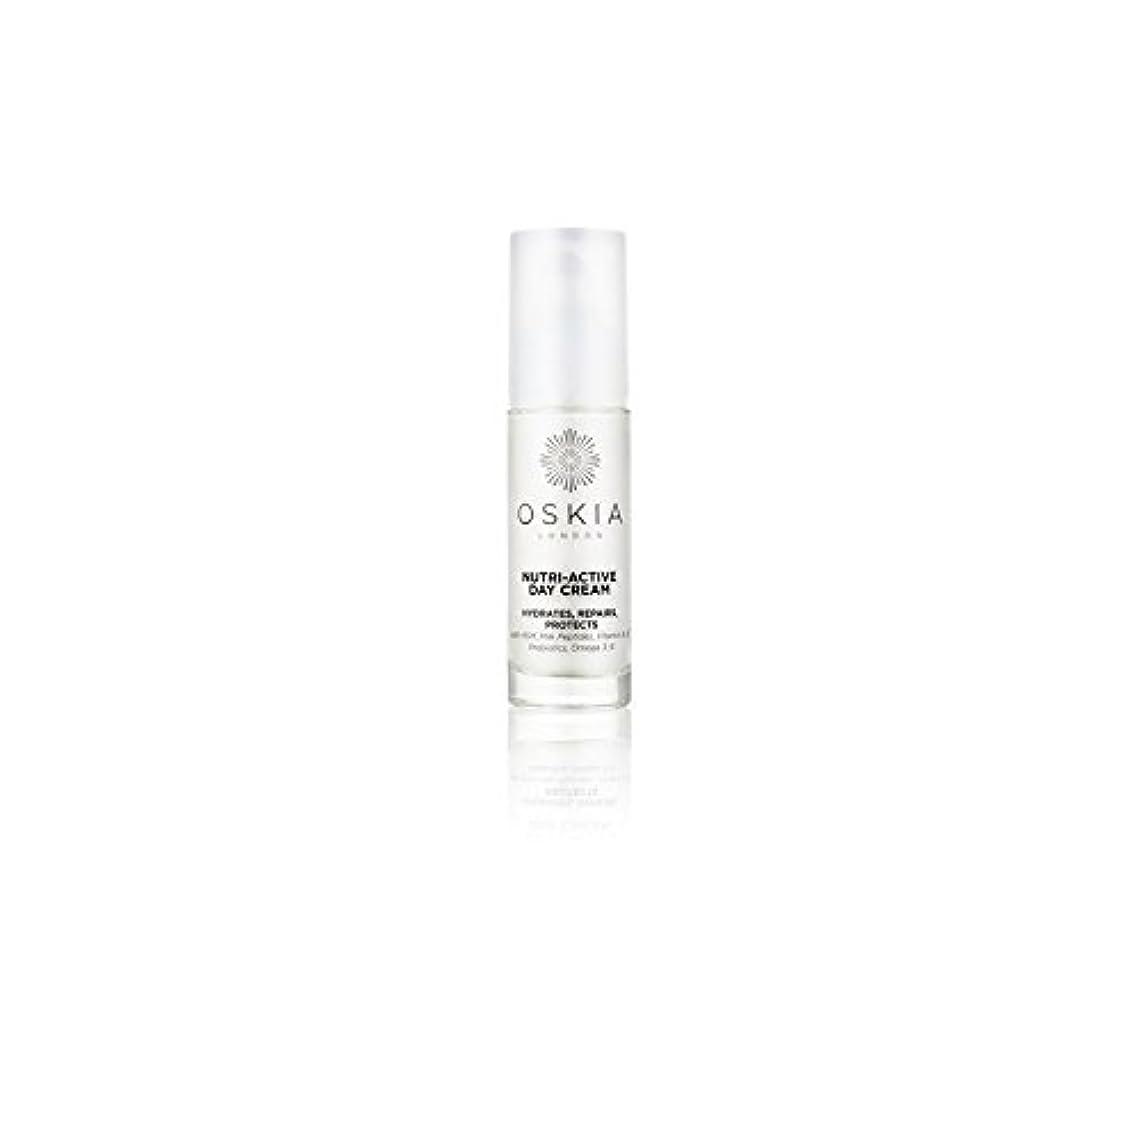 テメリティいくつかの特徴づけるOskia Nutri-Active Day Cream (40ml) (Pack of 6) - のニュートリアクティブデイクリーム(40ミリリットル) x6 [並行輸入品]